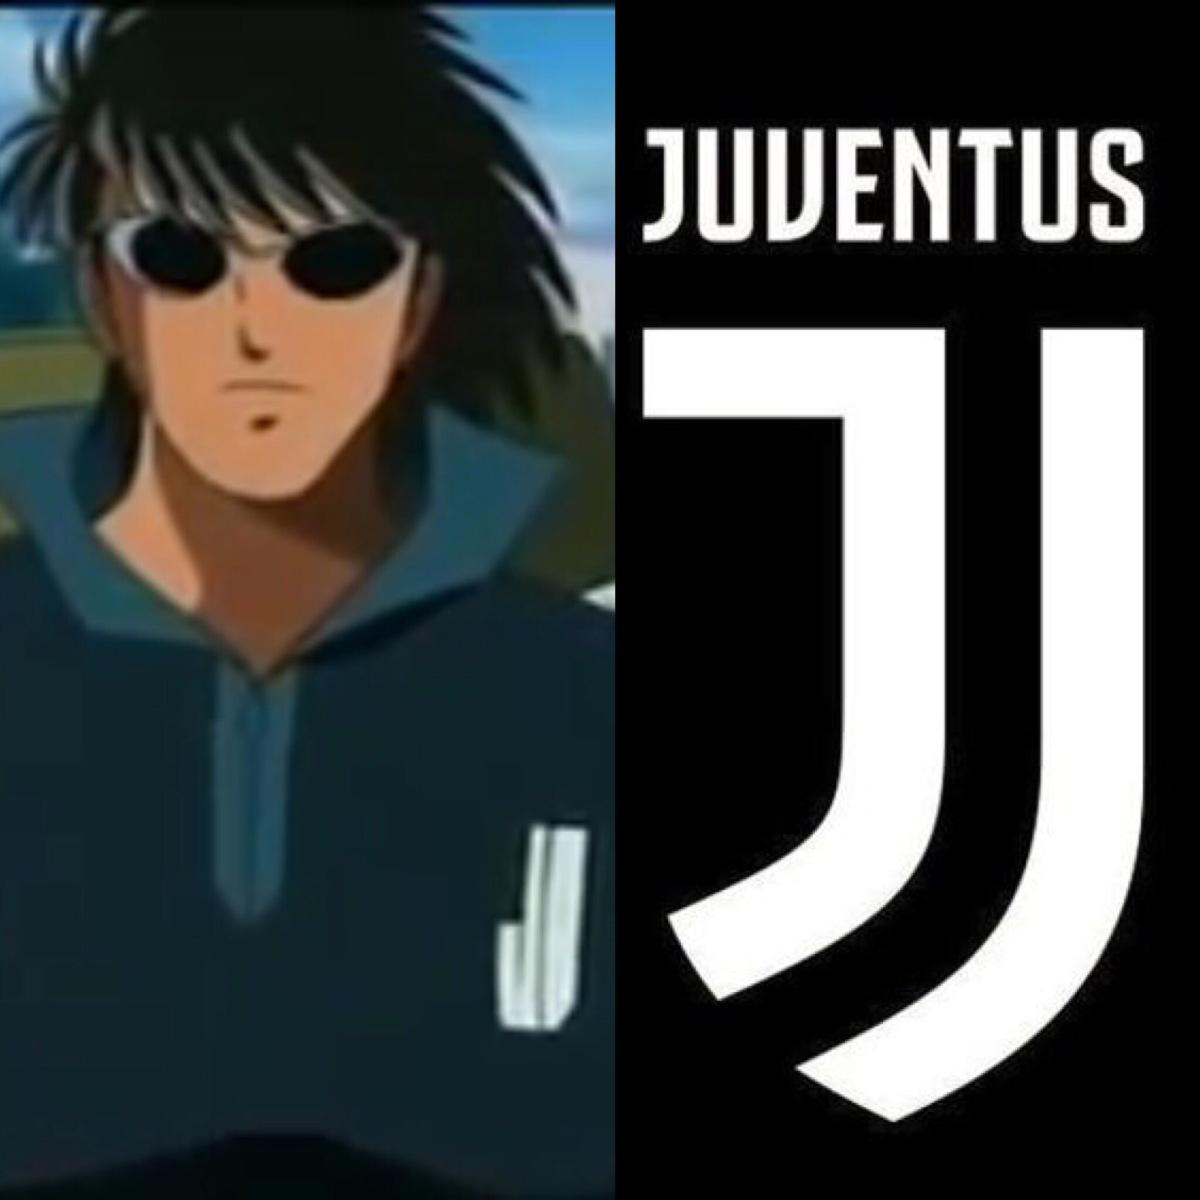 Holly e Benji guardavano al futuro: ecco quando avevano previsto il nuovo logo della Juventus